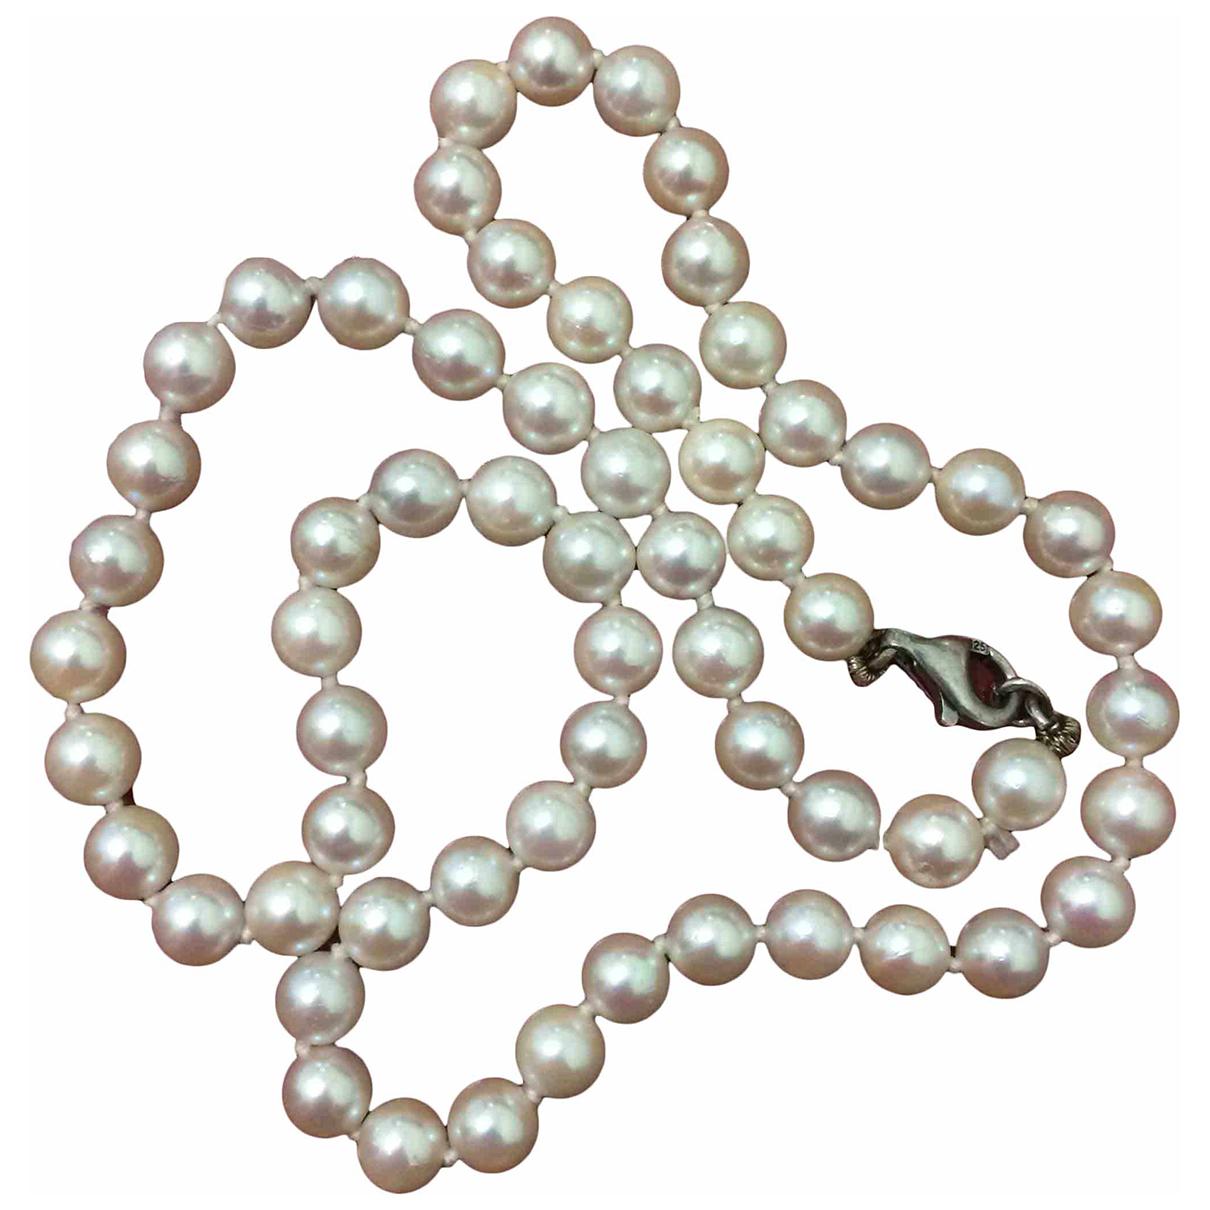 Collar Nacre con Perla Non Signe / Unsigned